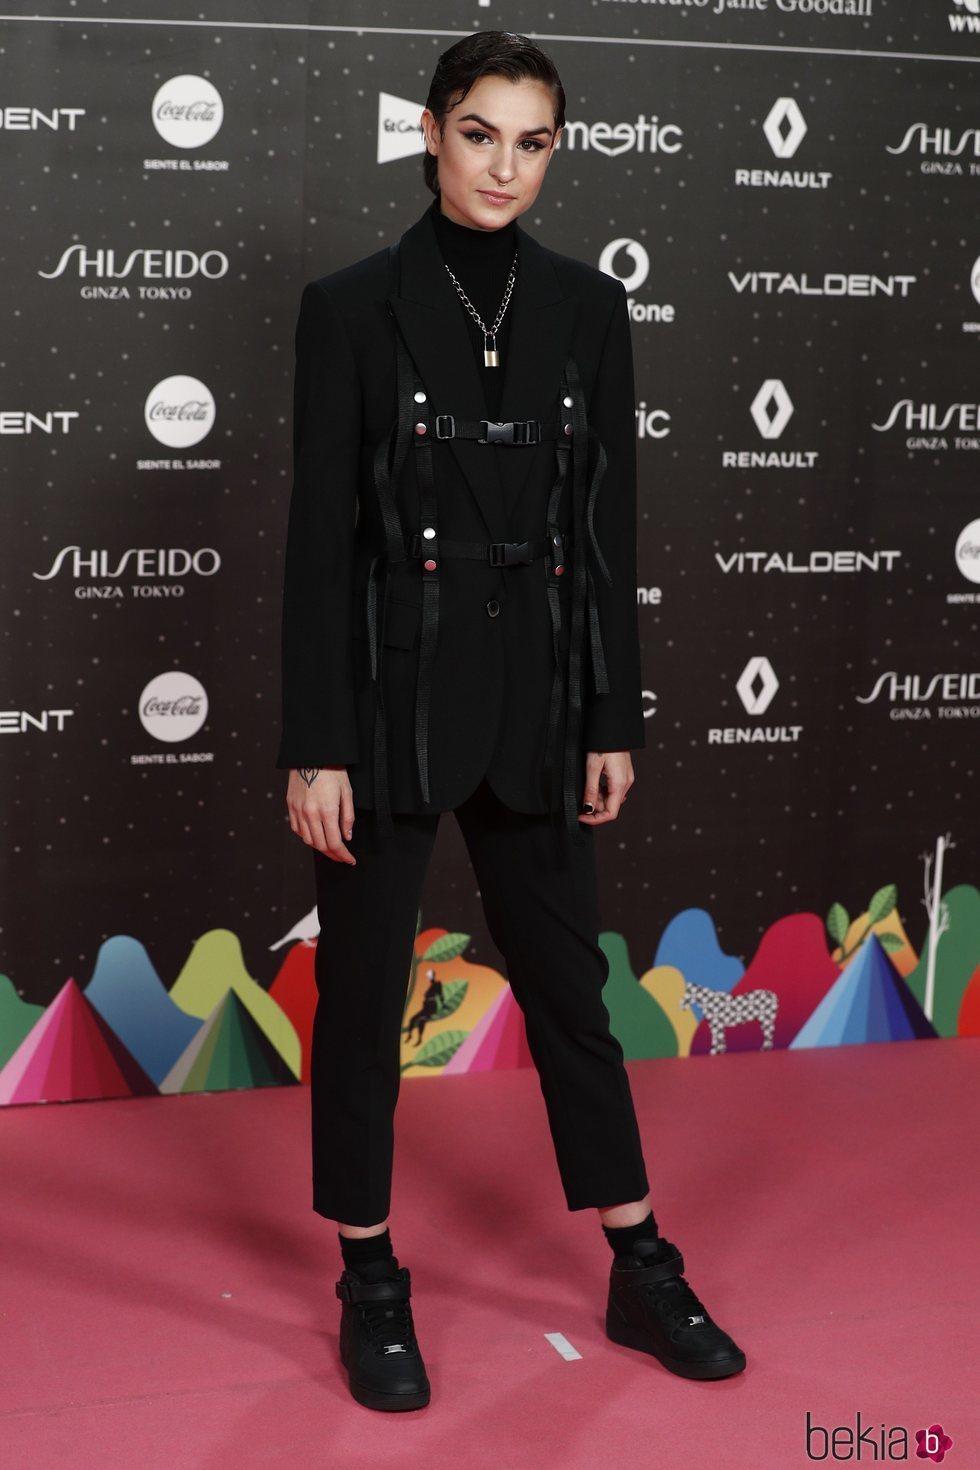 Natalia Lacunza en Los 40 Music Awards 2019